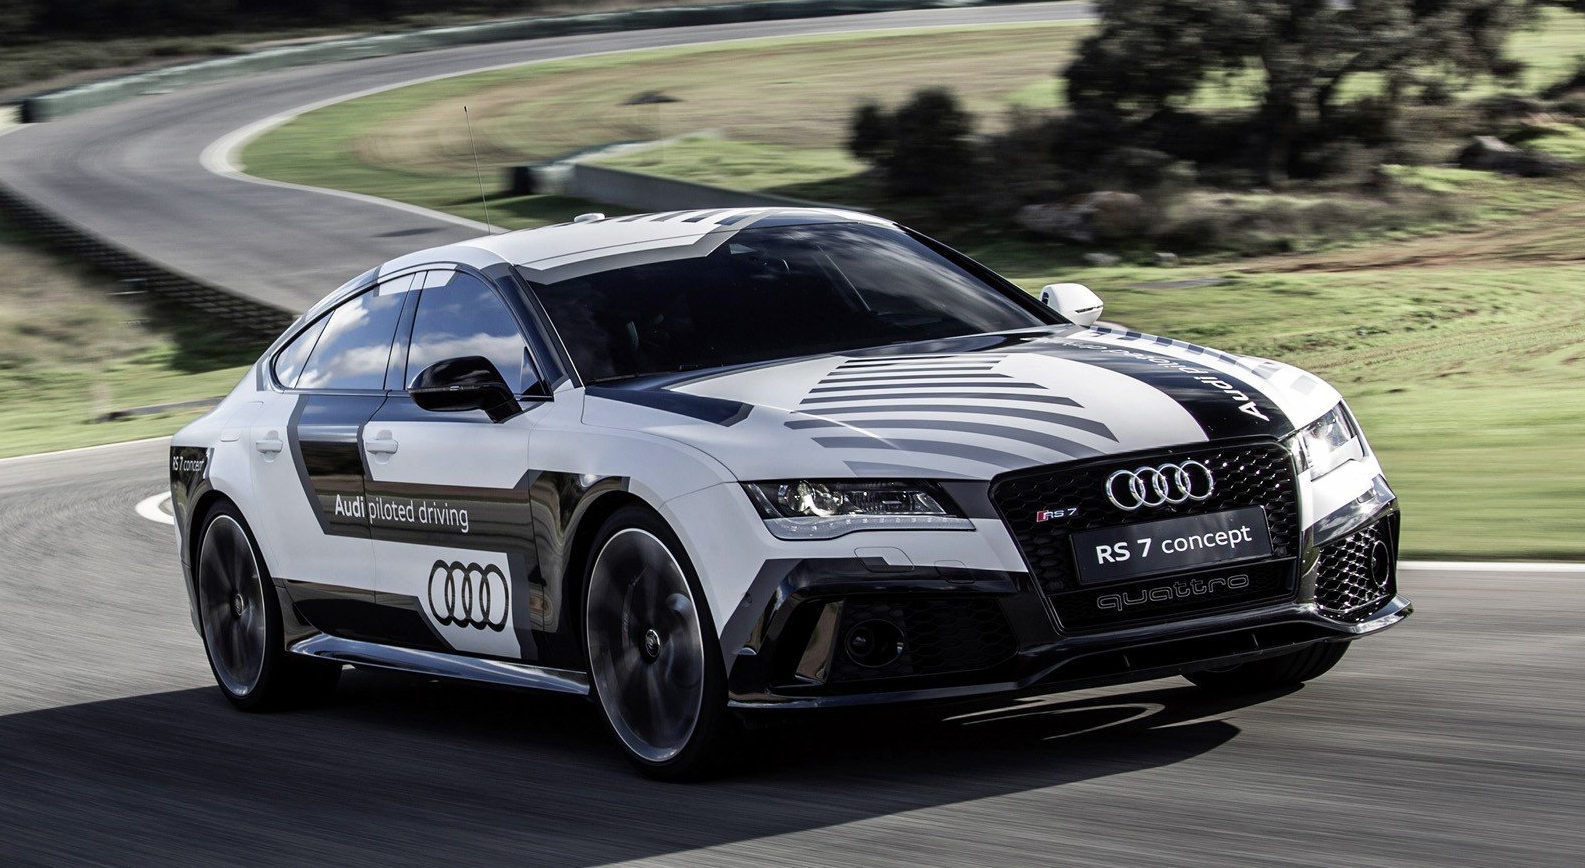 """Un prototype autonome basé sur l'Audi RS7, une berline ultra performante. La voiture est capable en autonomiede descendre à seulement quelques secondes du temps réalisé par un pilote confirmé sur circuit, il faut néanmoins conduire la voiture """"manuellement"""" afin que la voiture puisse """"apprendre"""" le parcourt."""